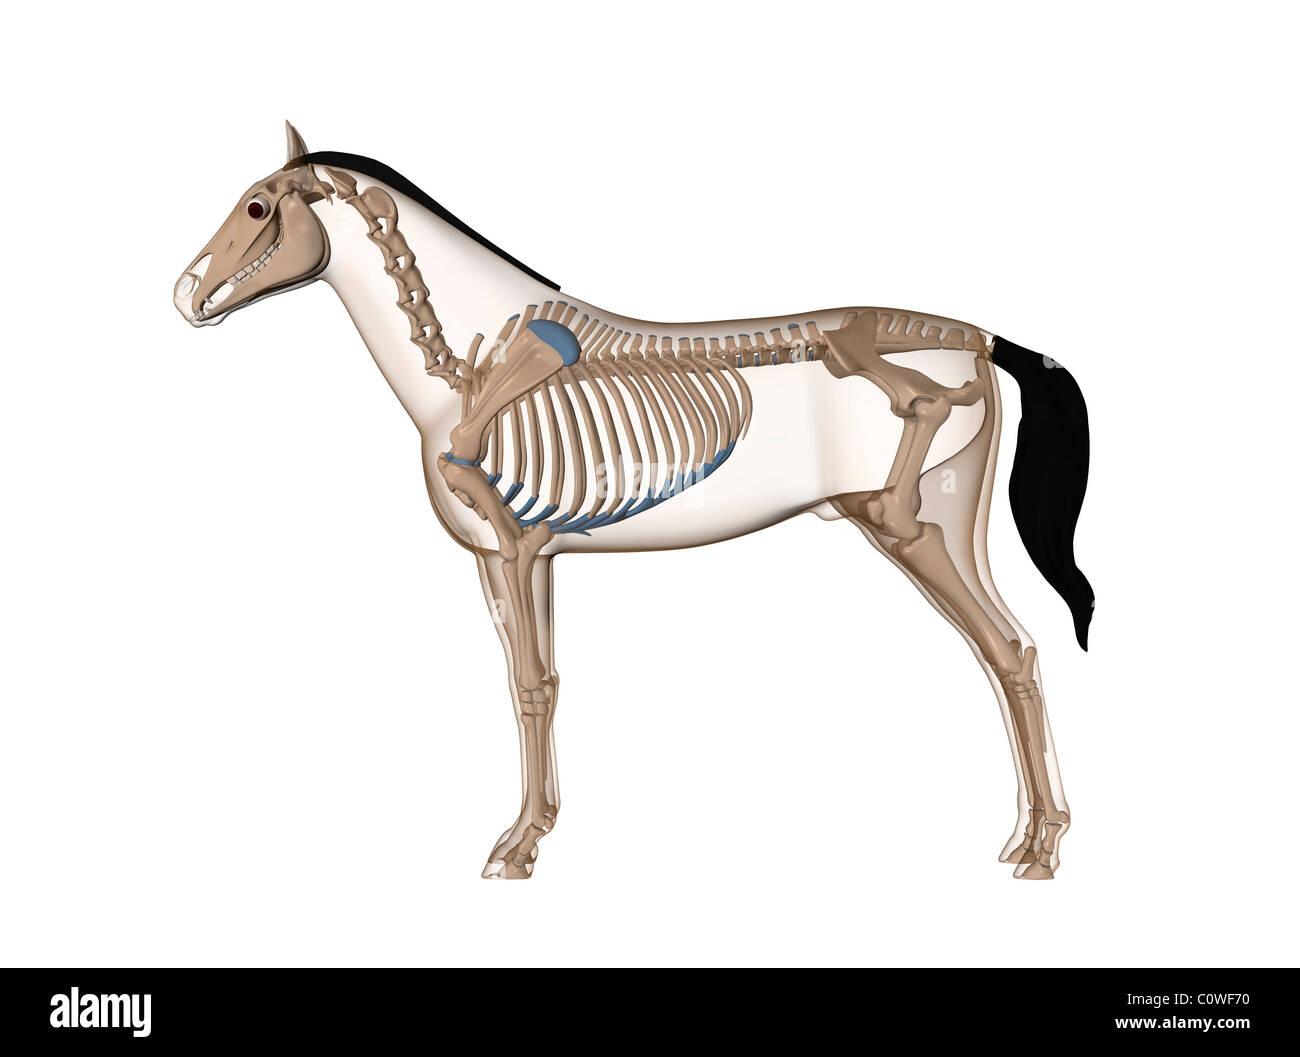 Schön Pferd Muskelanatomie Ideen - Menschliche Anatomie Bilder ...